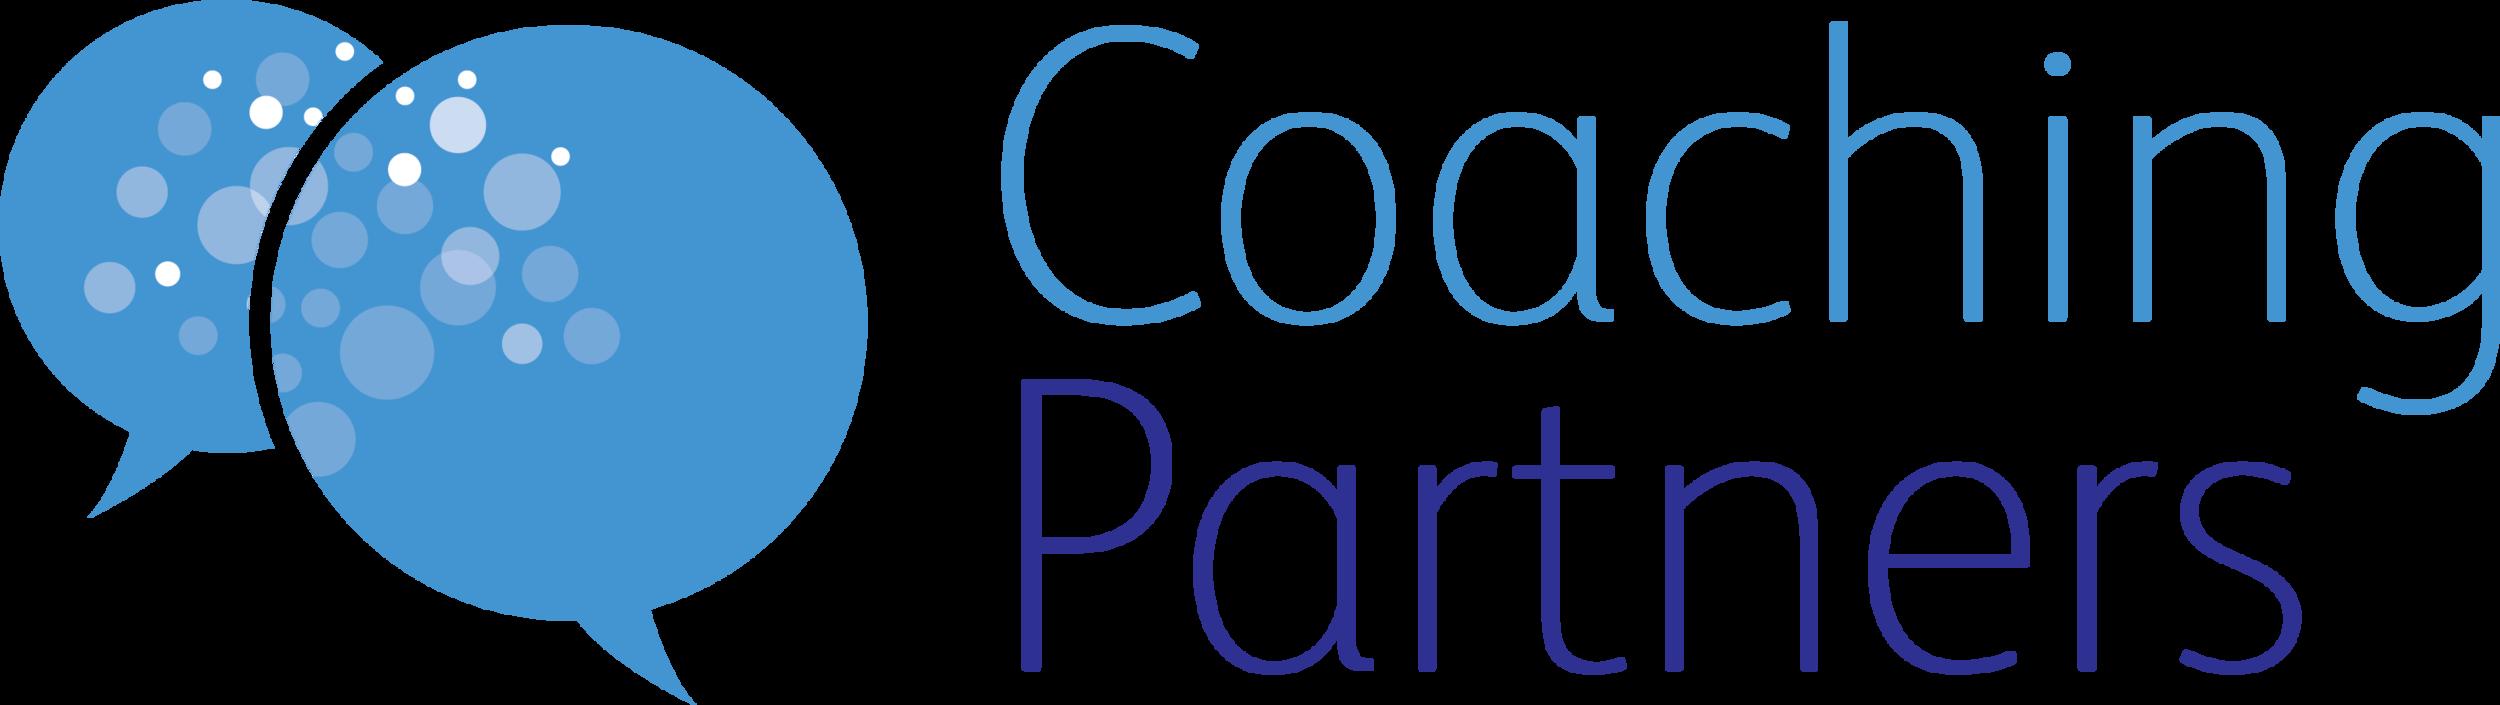 Coaching Partners.png